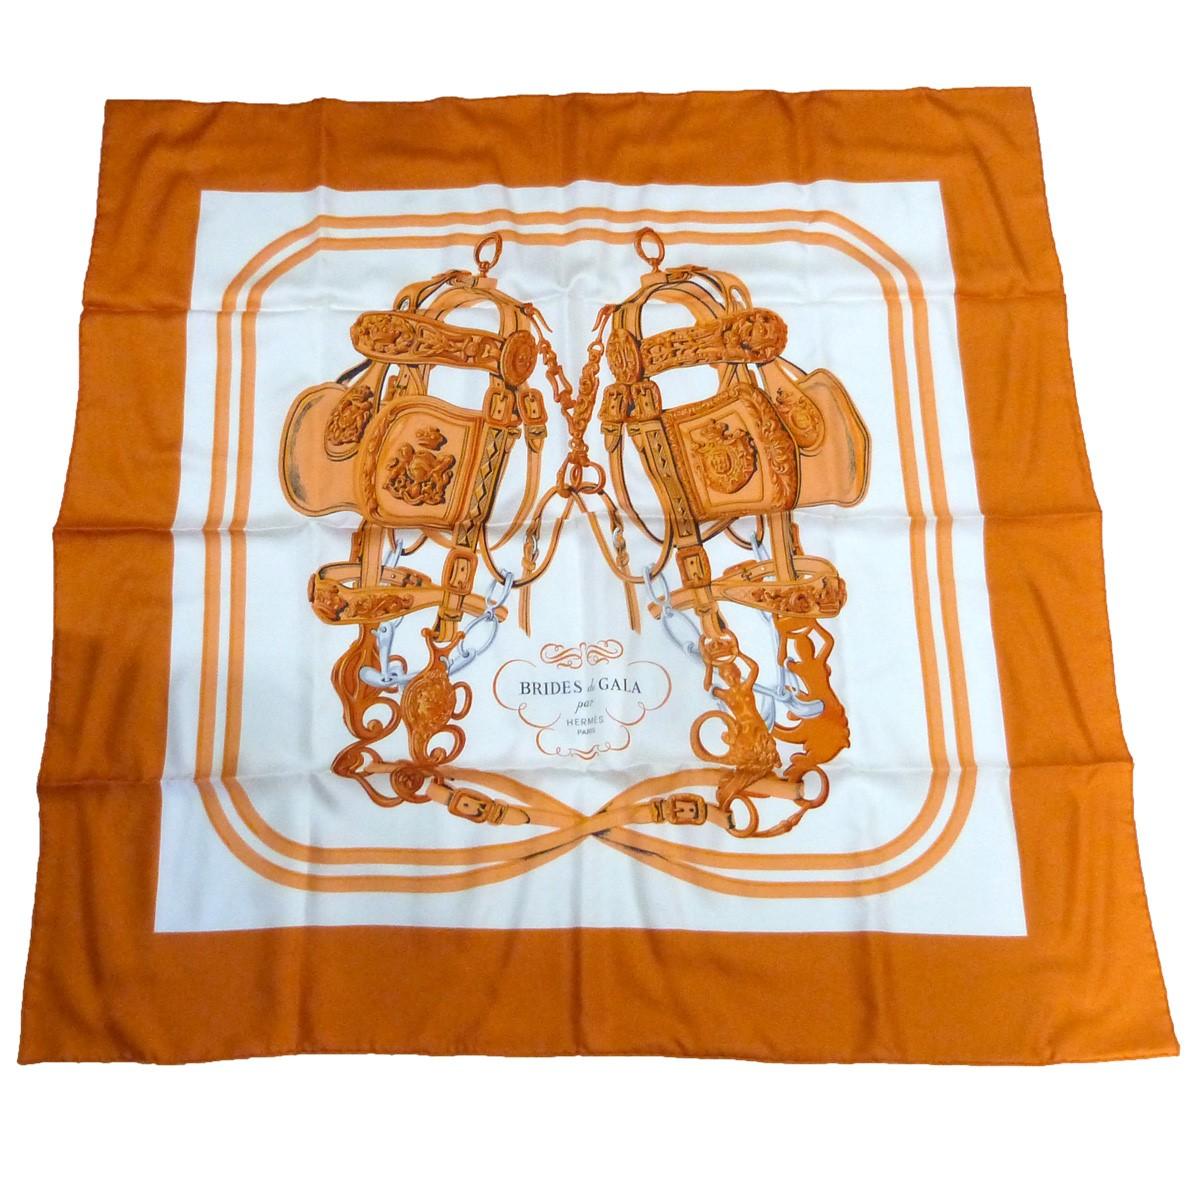 大規模セール エルメス 中古 HERMES トラスト BRIDES DE GALA カレ90ブリッジデガラシルクスカーフ サイズ:- オレンジ×ホワイト 120221